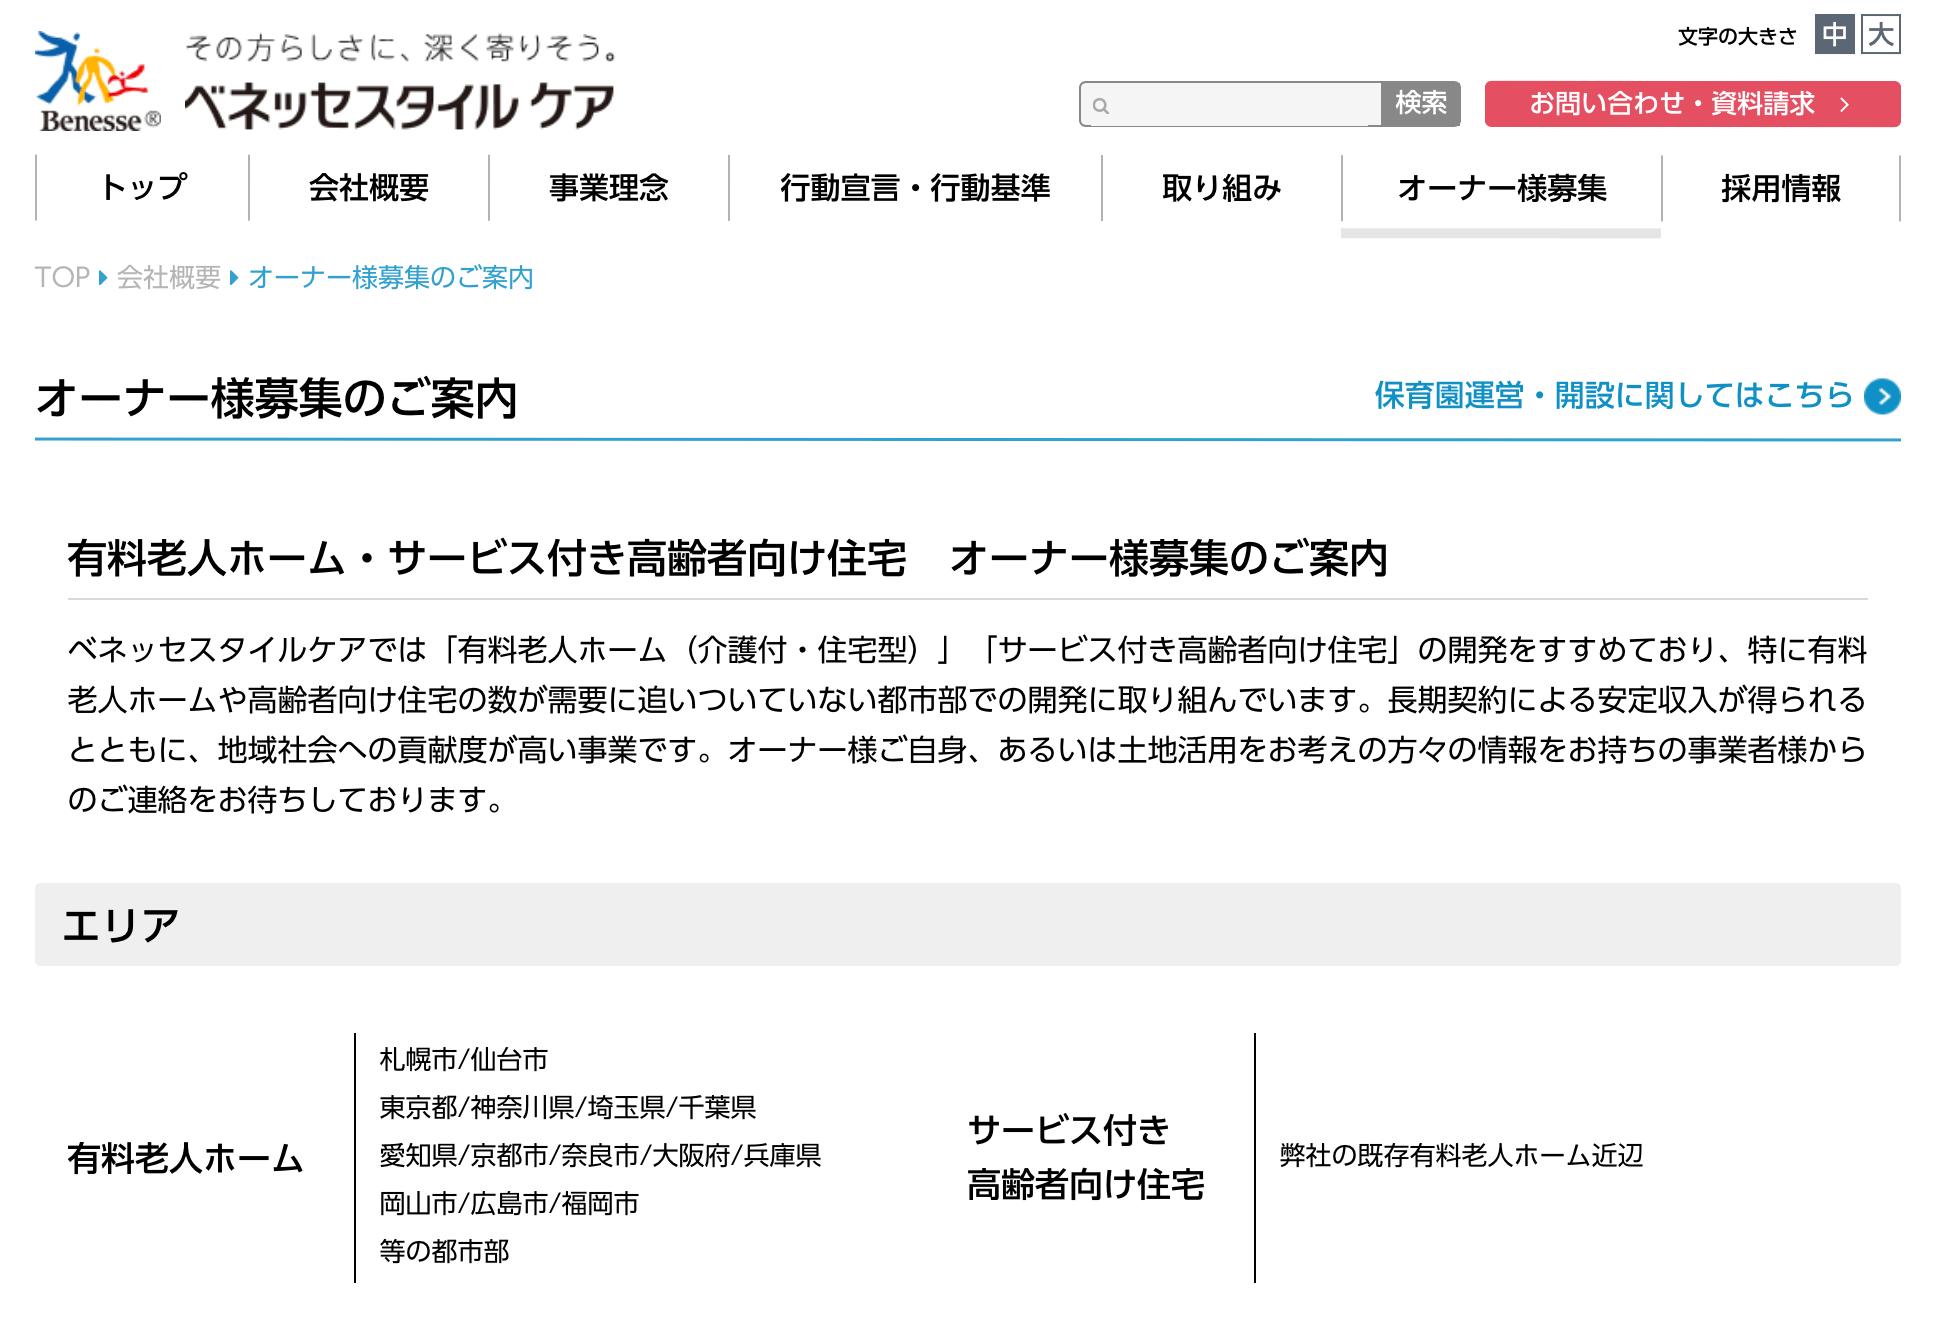 株式会社ベネッセスタイルケアの公式ページ